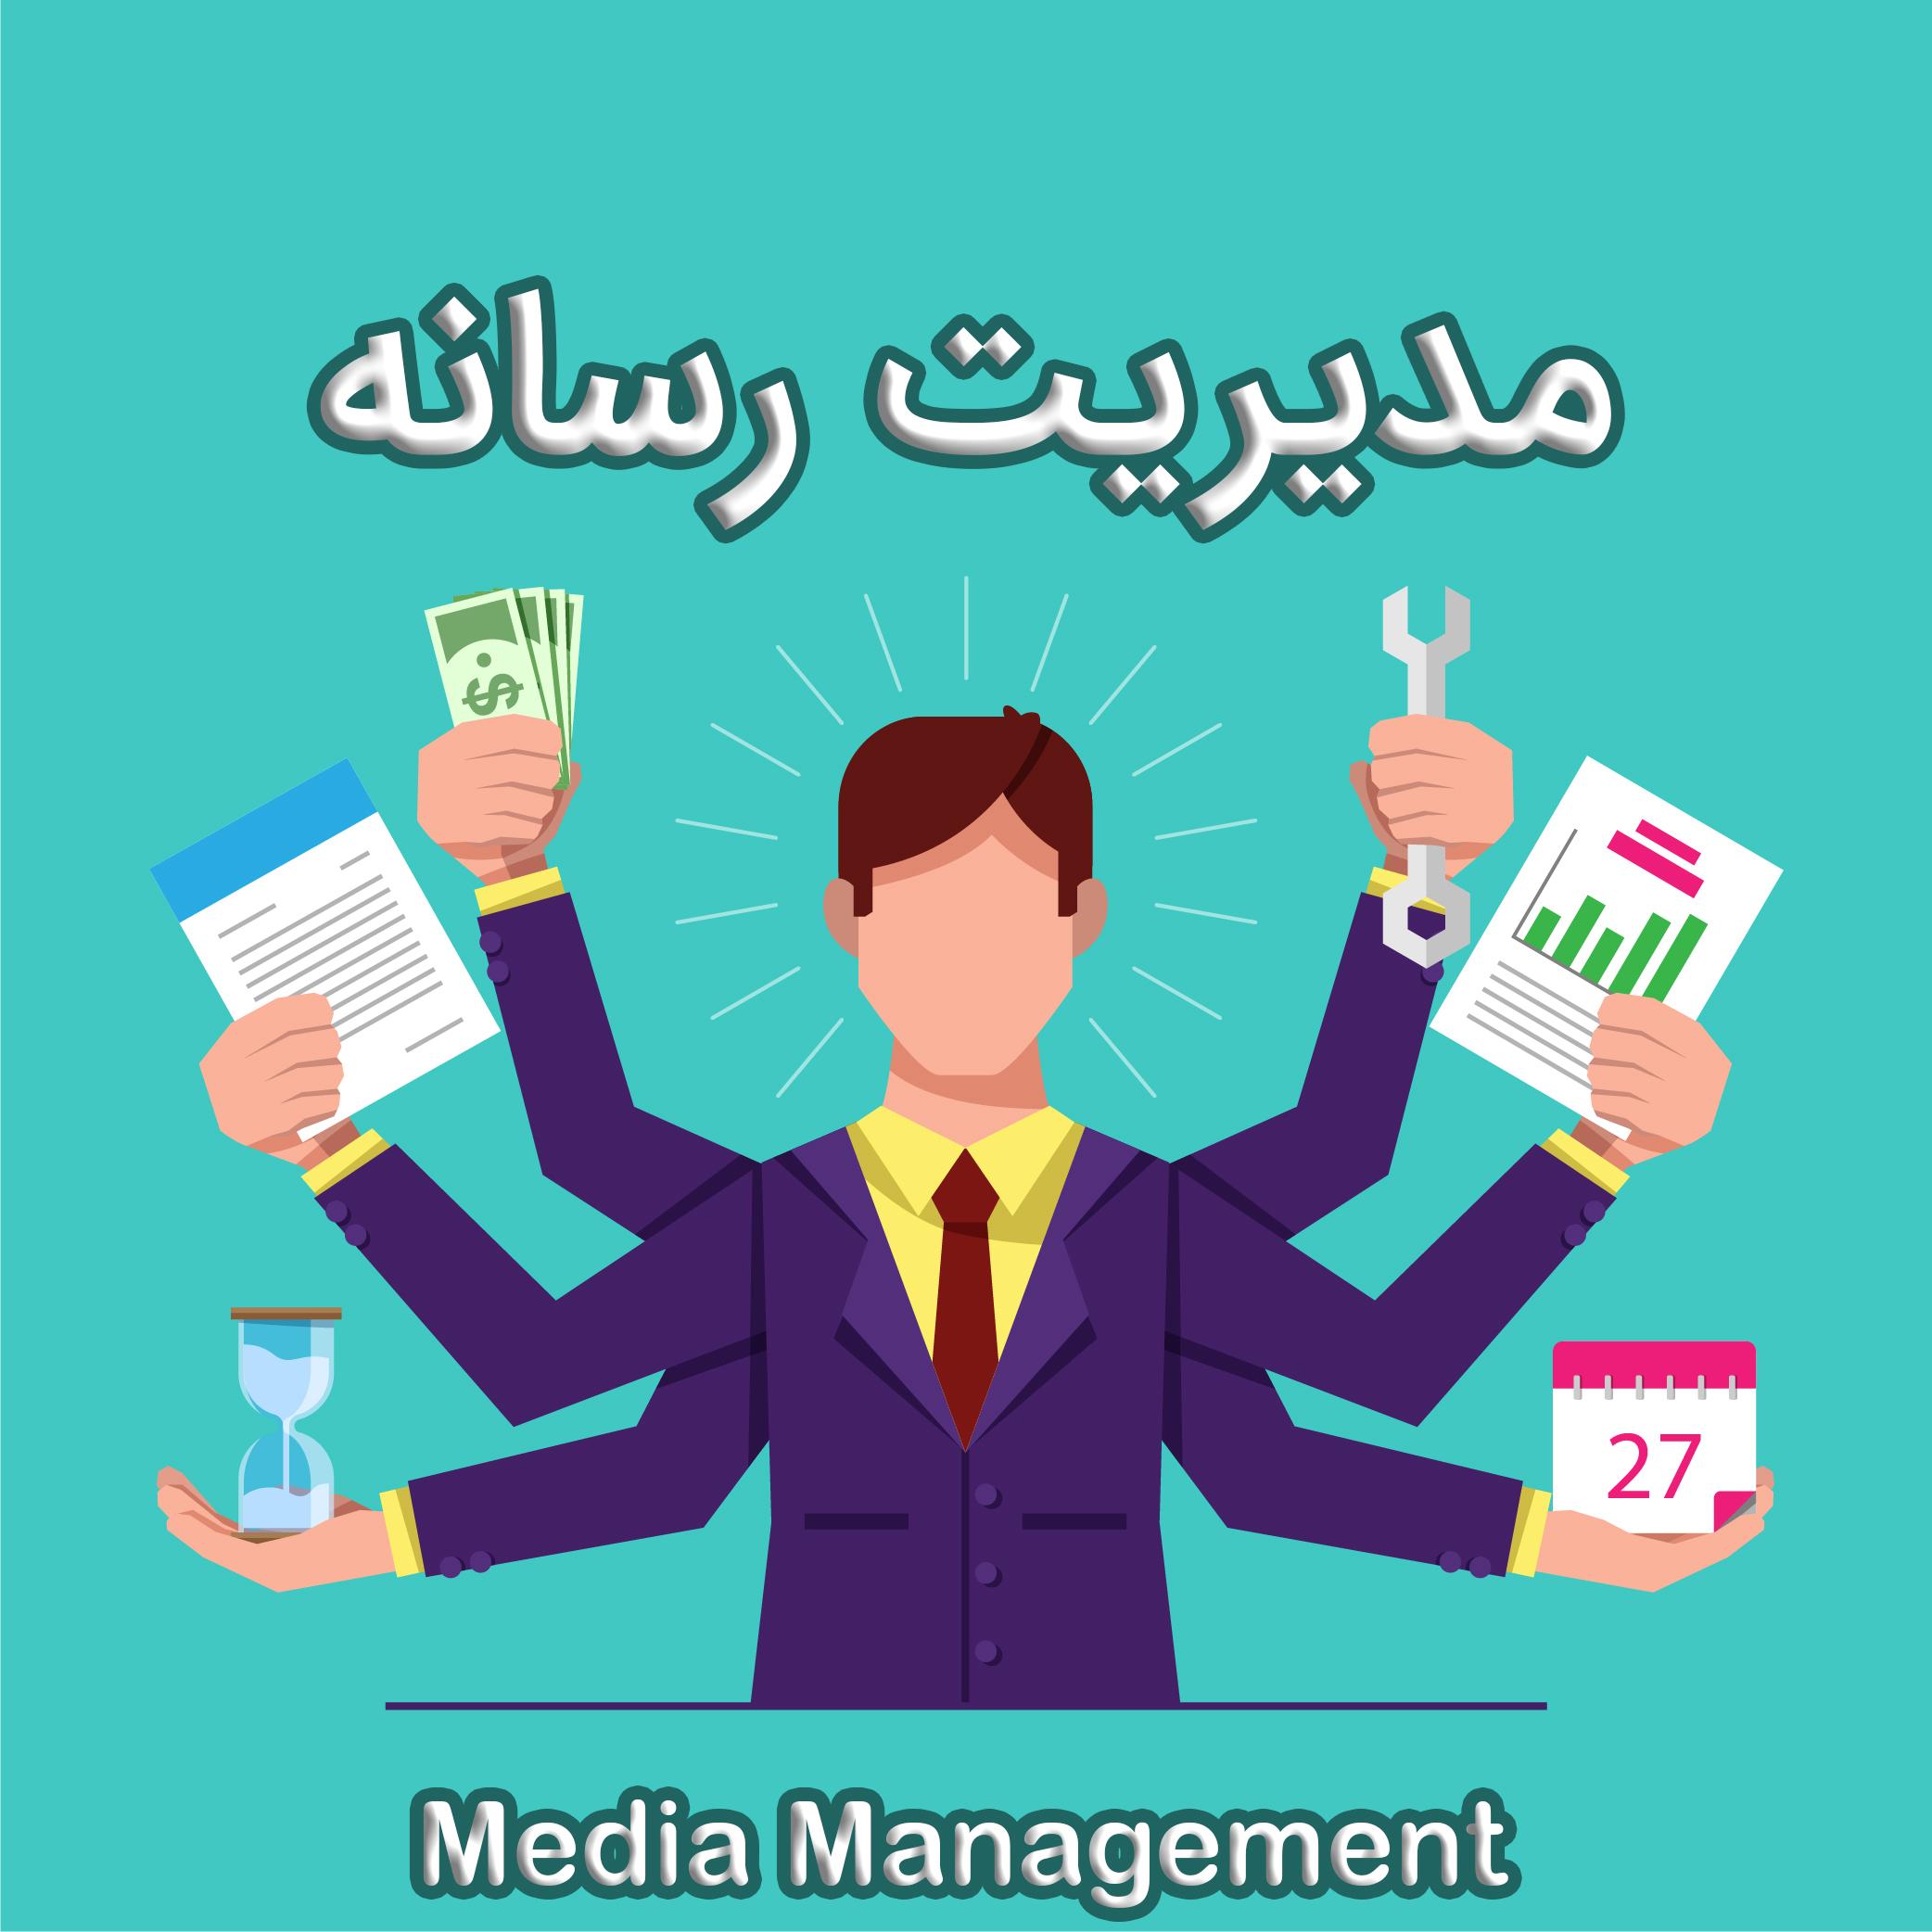 تصویر مدیریت رسانه